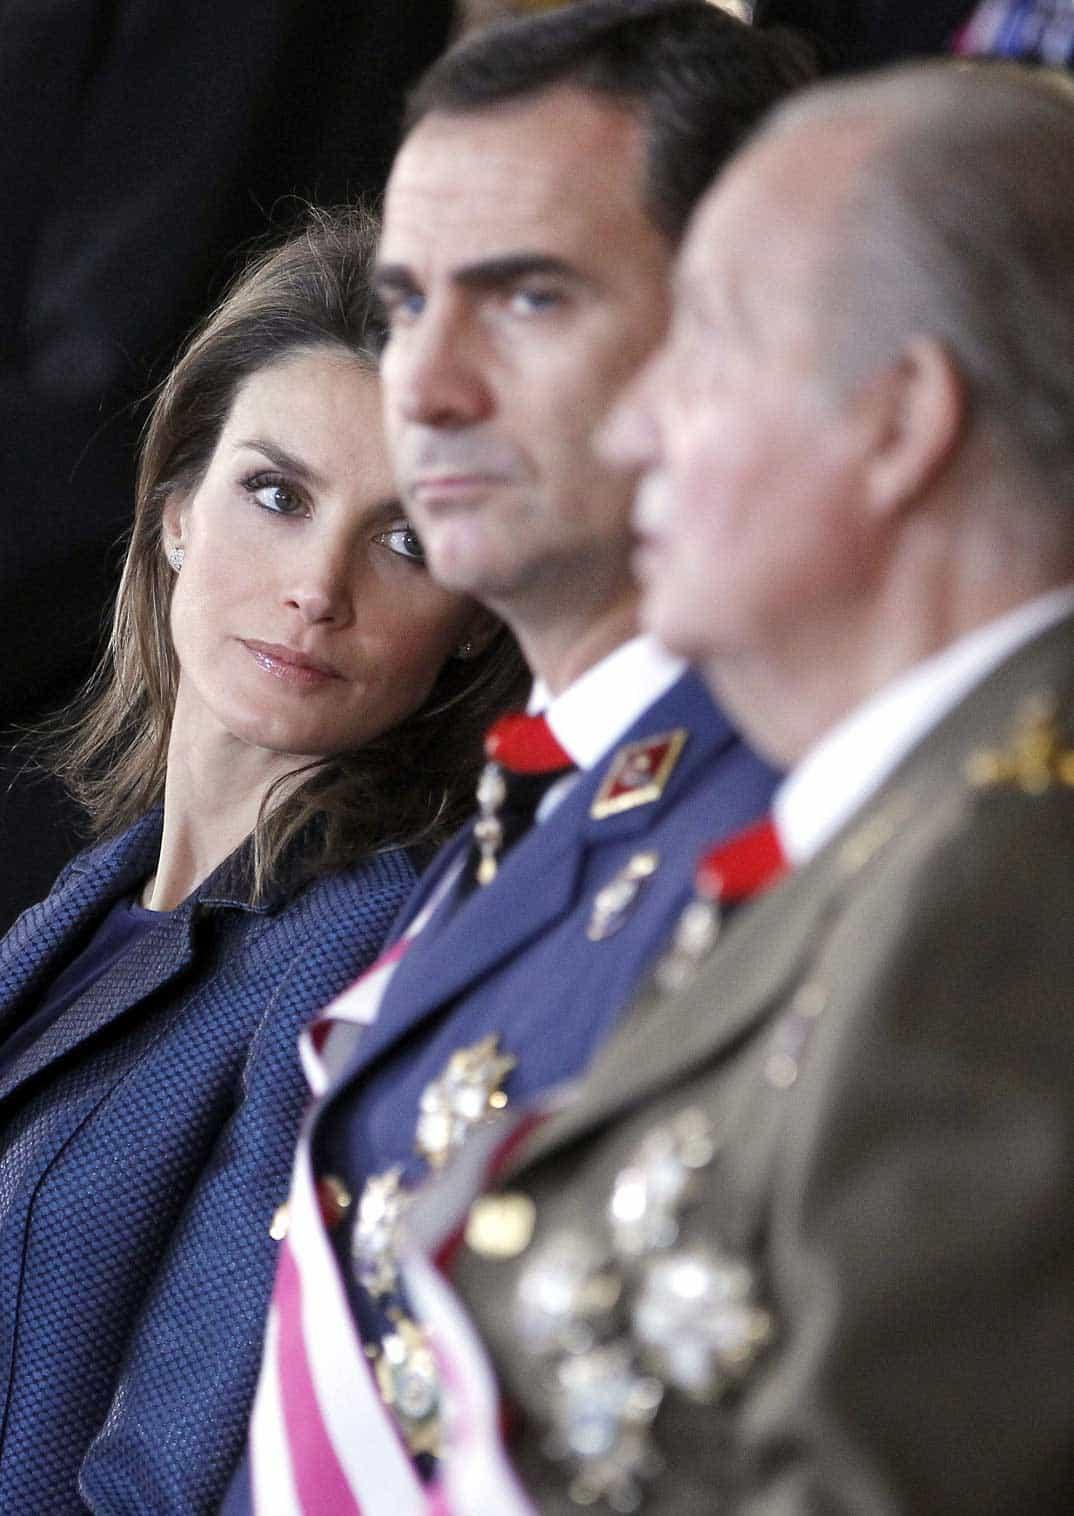 Princesa Letizia, Príncipe Felipe y el rey don Juan Carlos